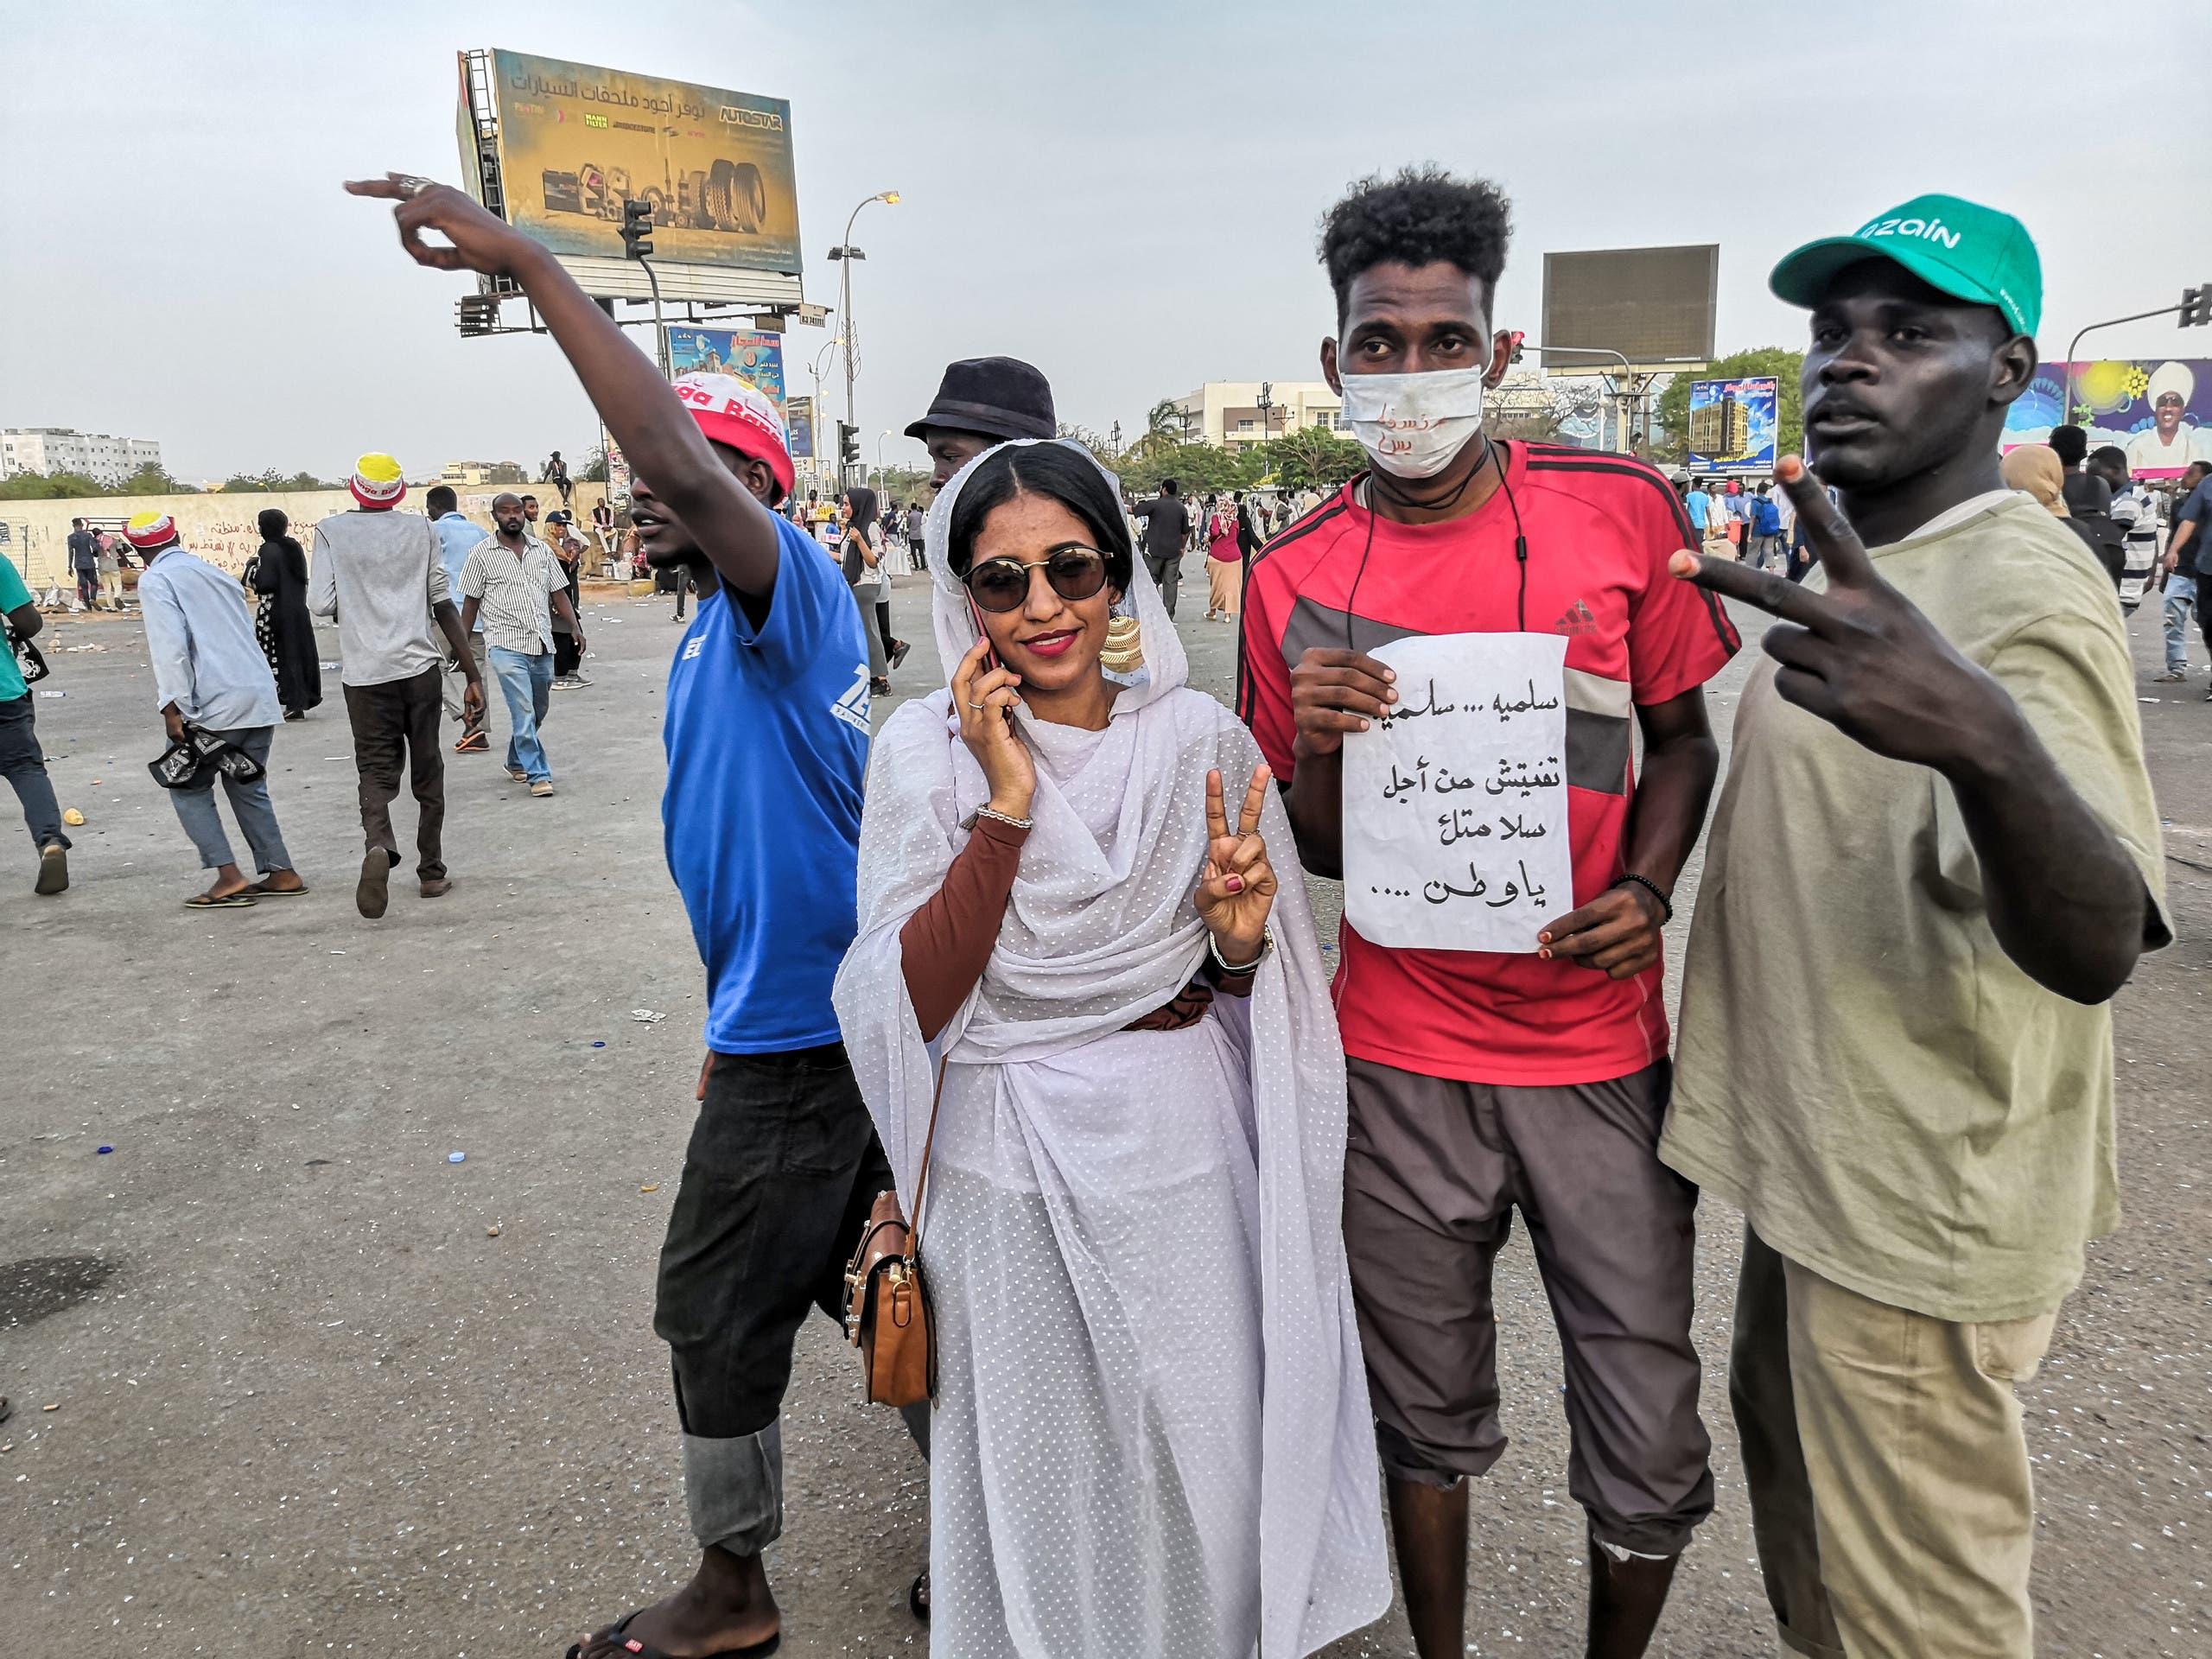 تظاهرات اعتراضی در سودان